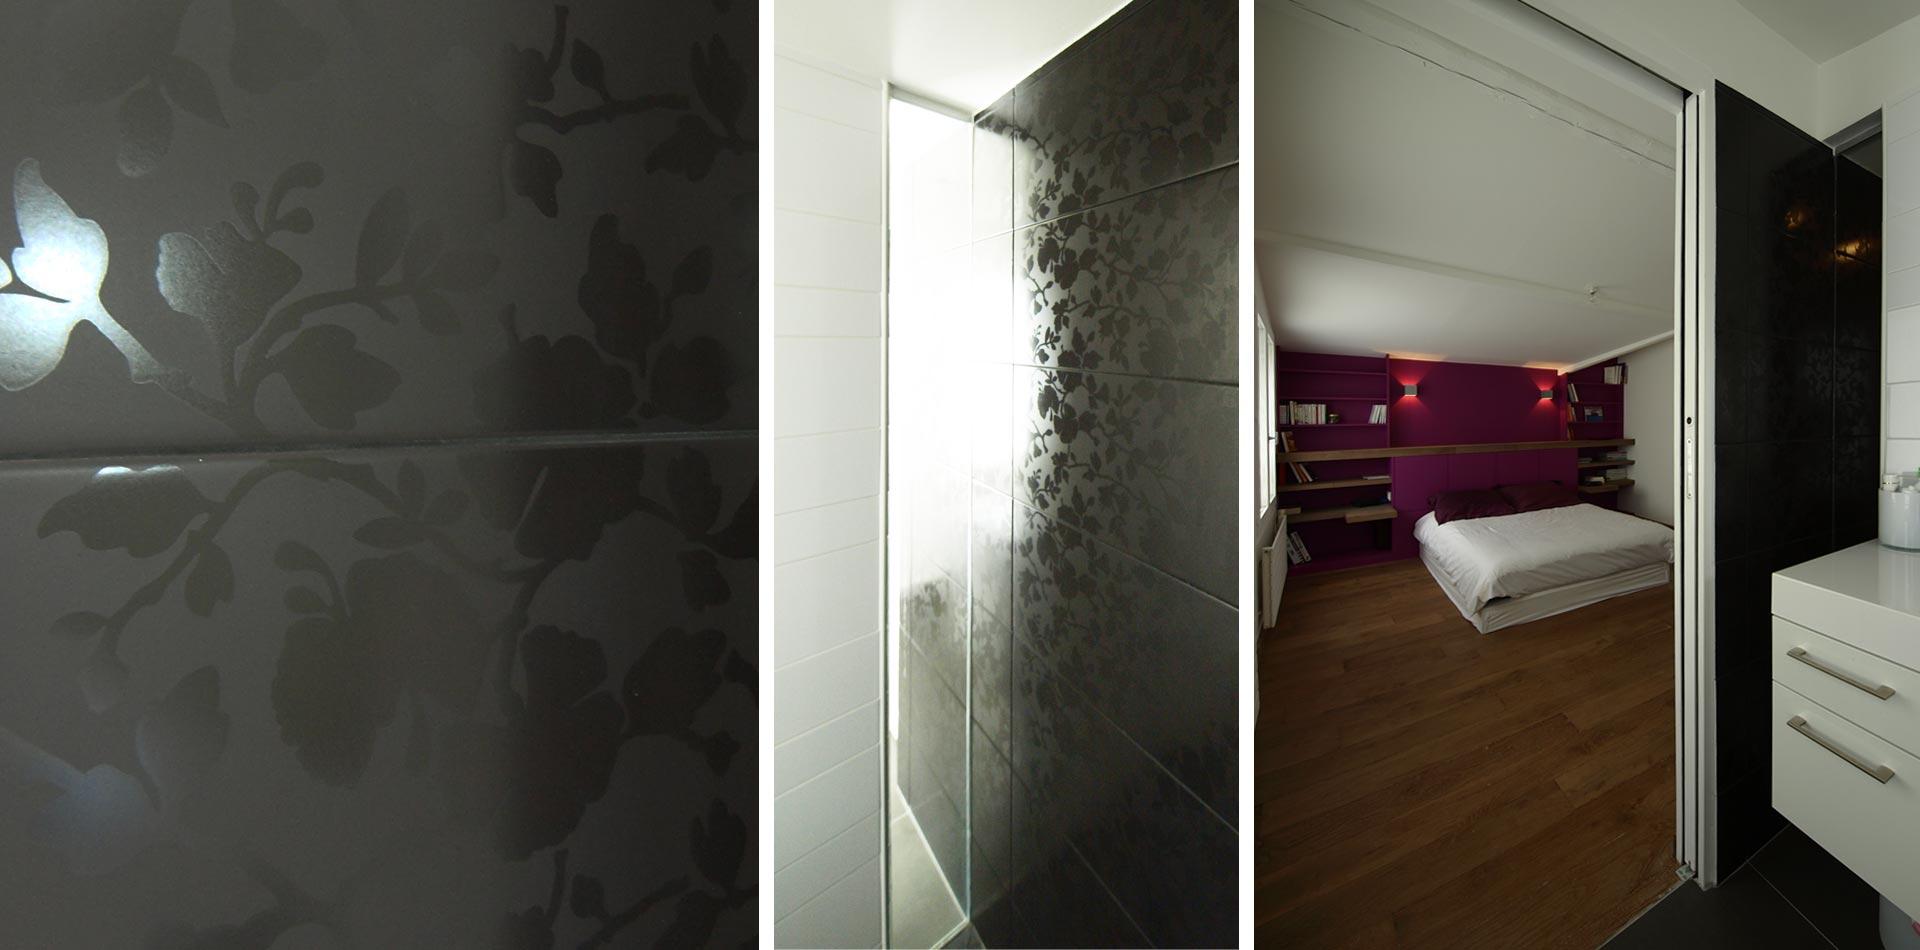 sof architectes cr ation d 39 une suite parentale meudon sof architectes. Black Bedroom Furniture Sets. Home Design Ideas